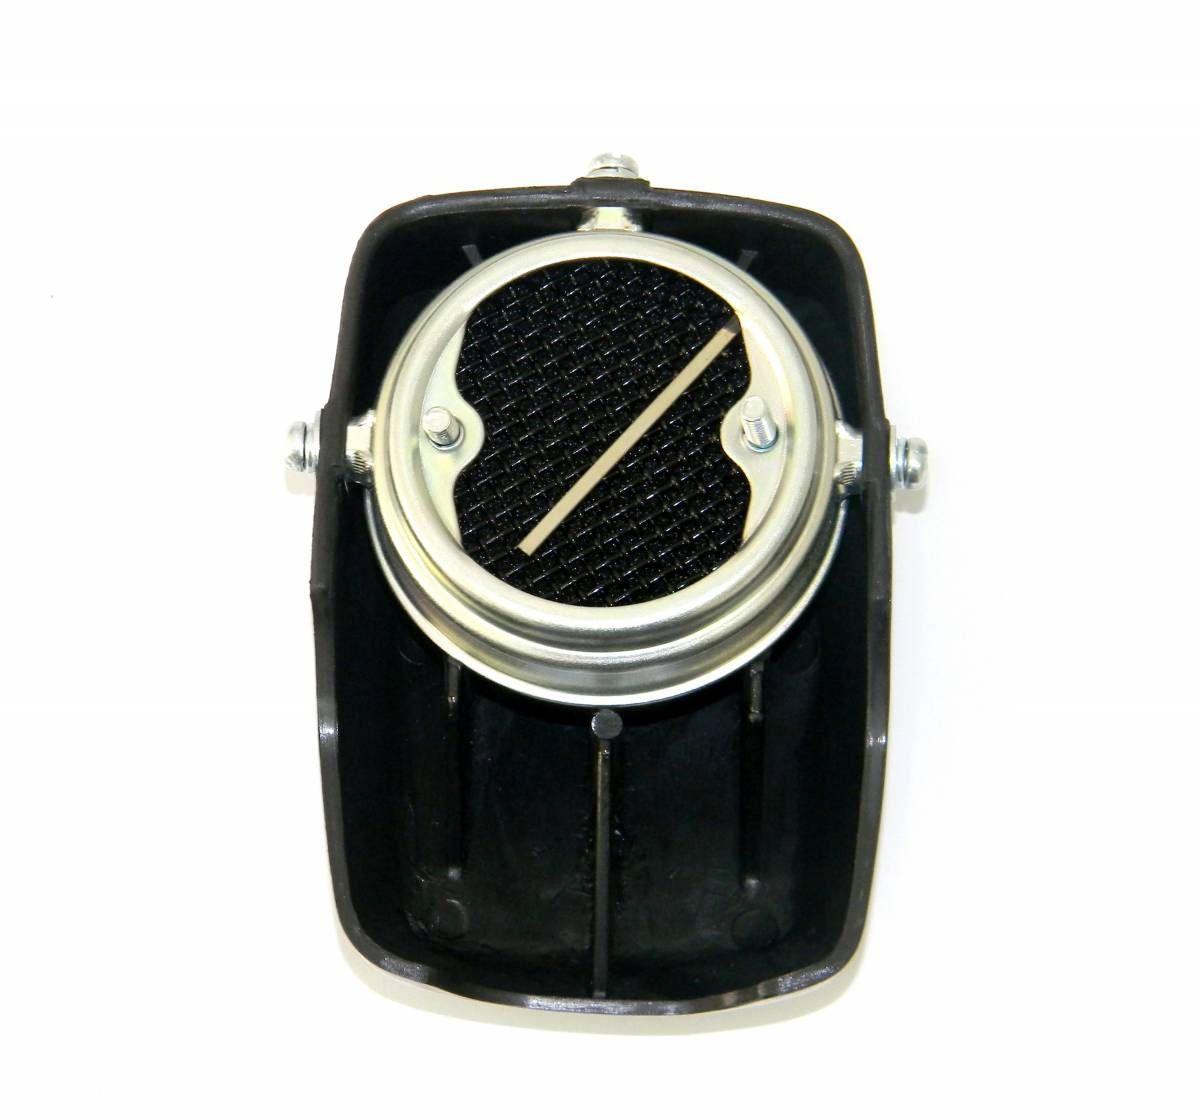 Filtro de Ar Completo para Roçadeira Shindaiwa BP35 / C25 / C35 / C35LA - 9203147